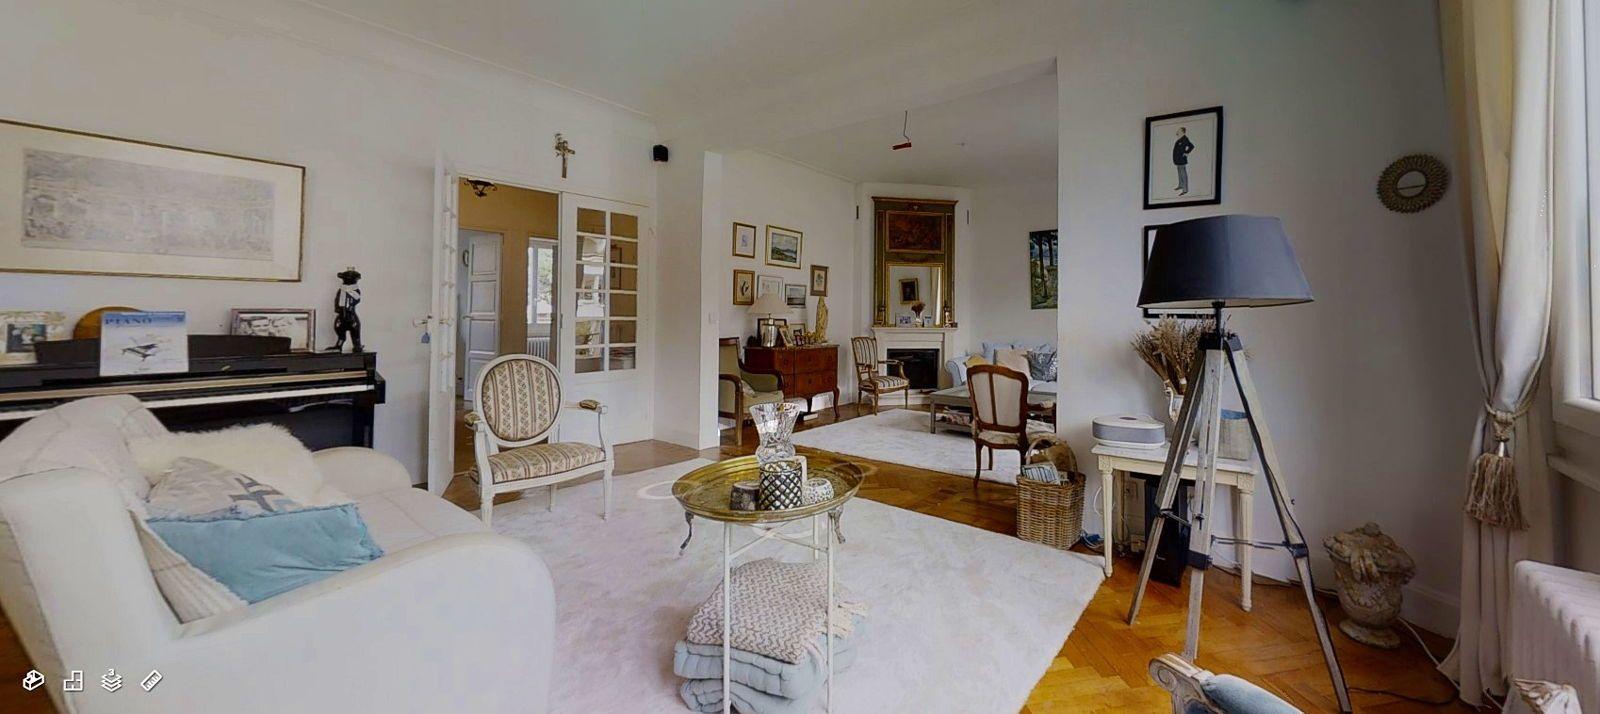 Vends Duplex 172m² avec jardin limite Clermont/Chamalières (63400)